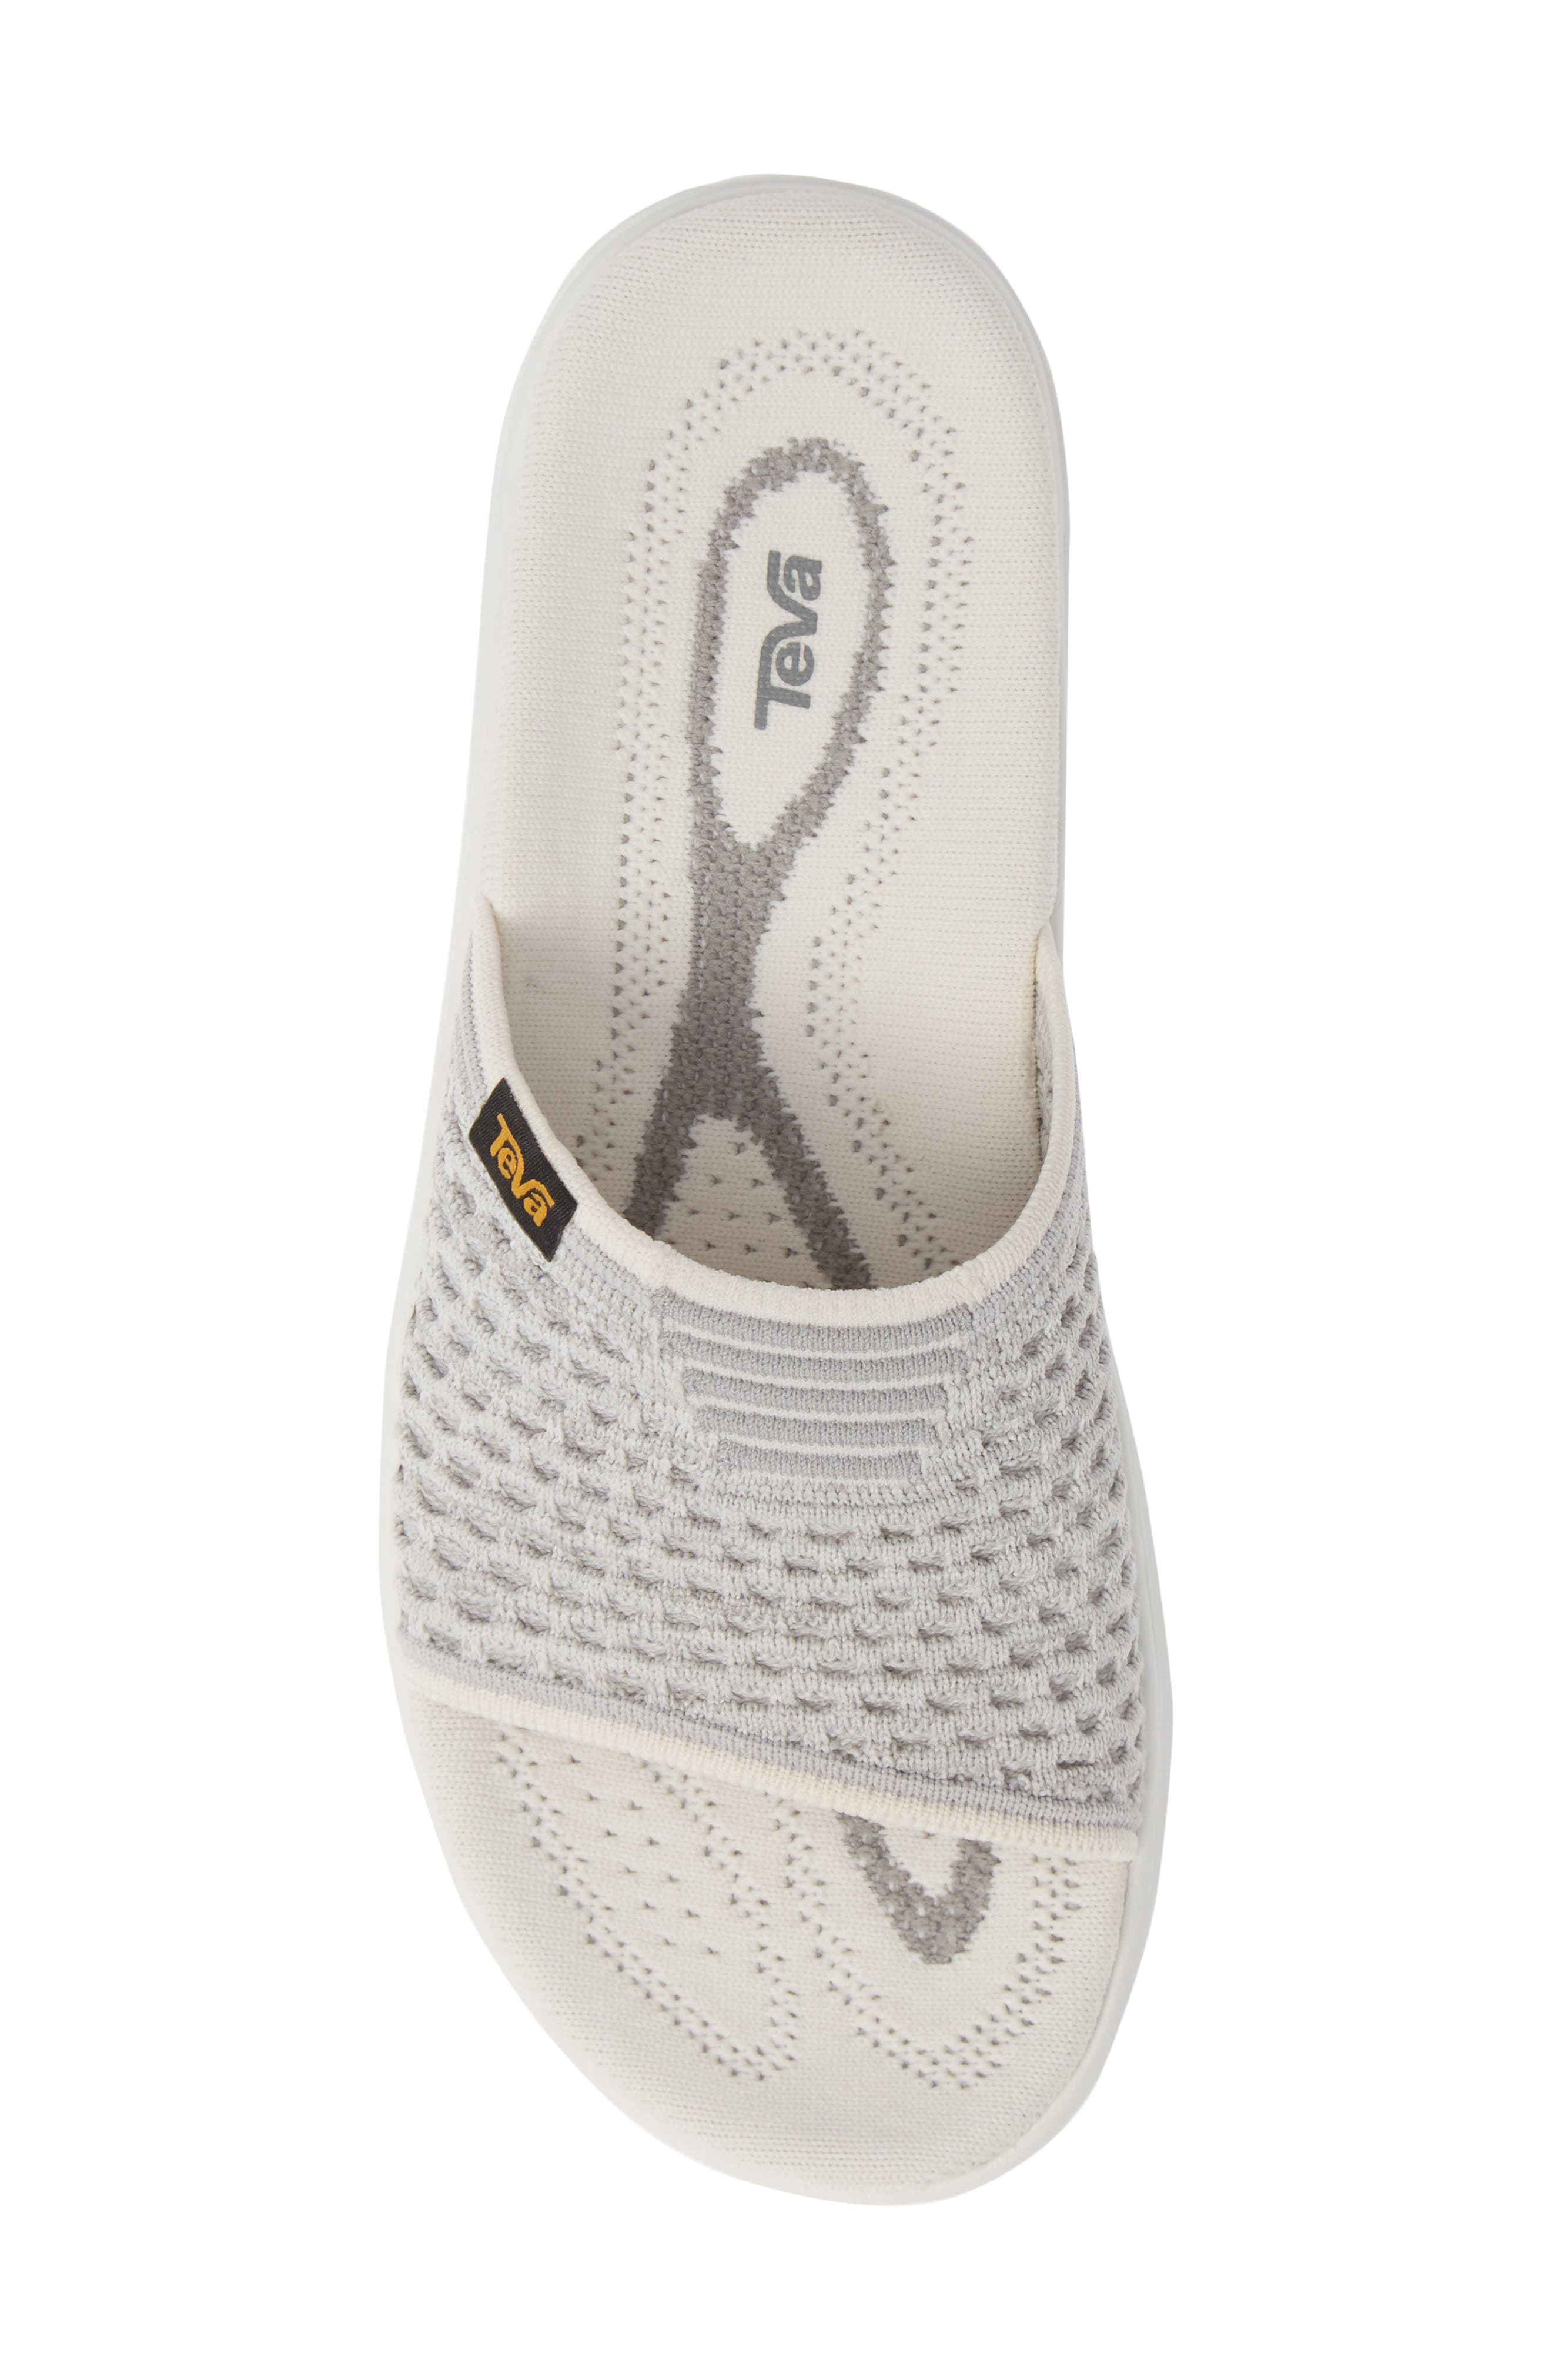 Terra Float 2 Knit Slide Sandal,                             Alternate thumbnail 5, color,                             BRIGHT WHITE FABRIC